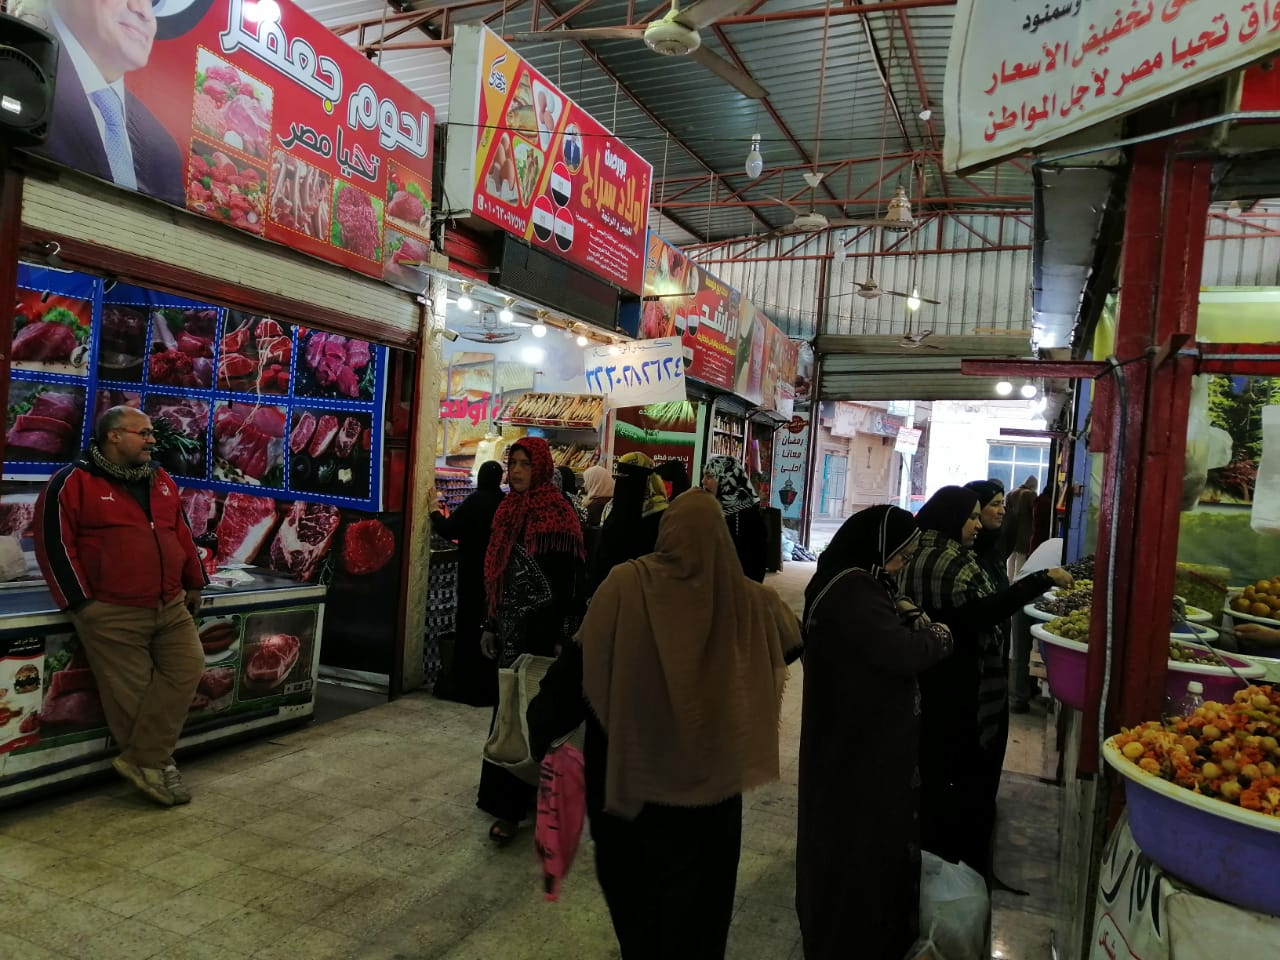 أسعار اللحوم والخضر والفواكه بأسواق محافظة الغربية (12)